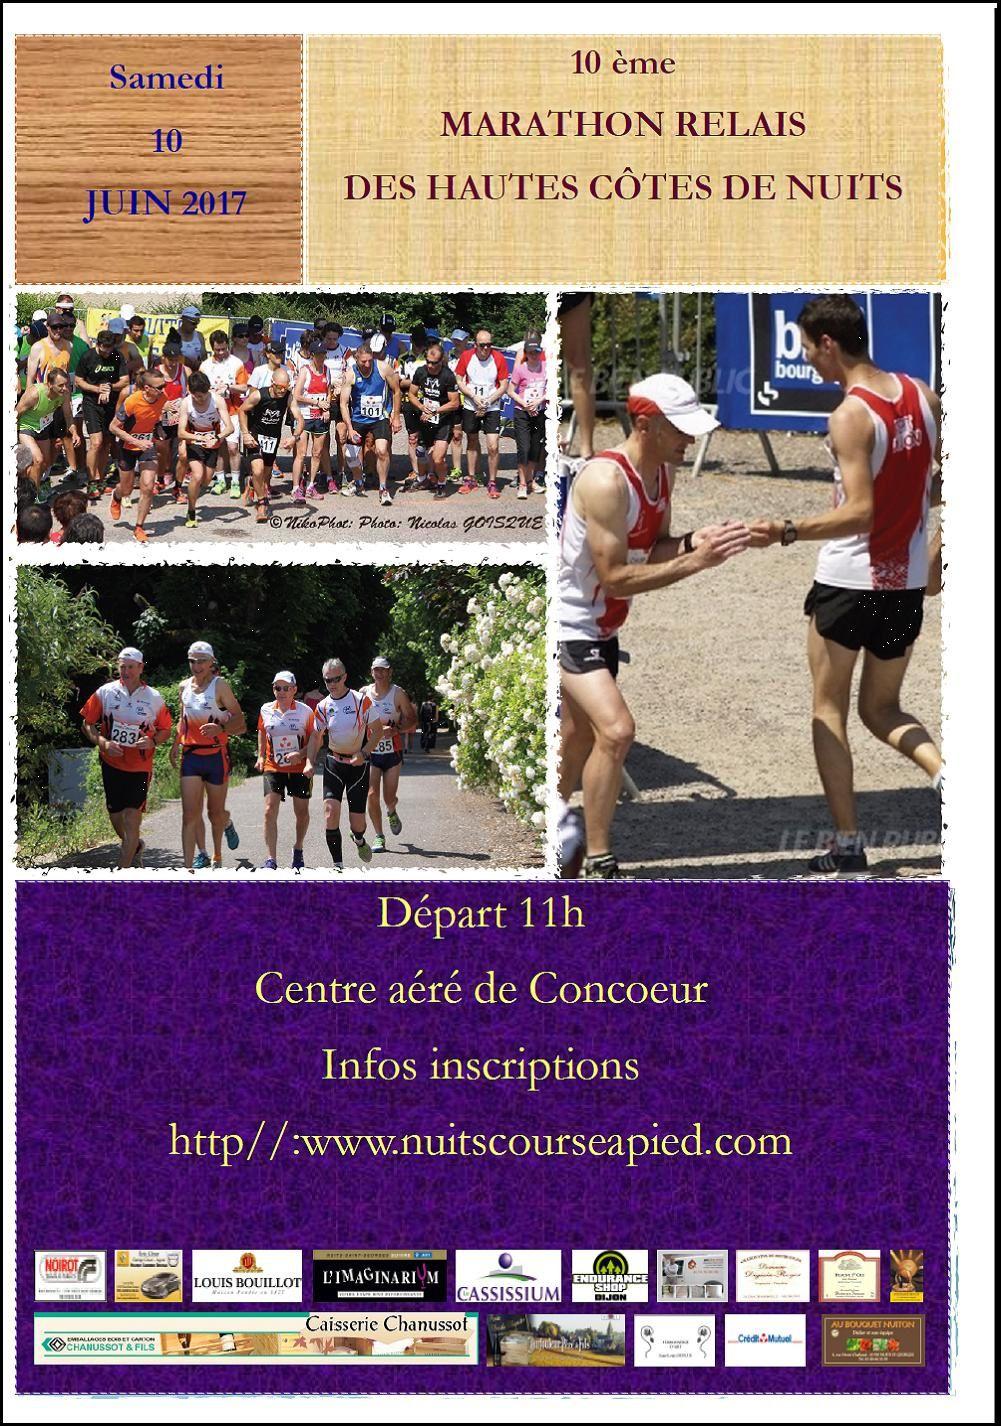 Samedi 10 juin 2017 - Marathon Relais des Hautes Côtes de Nuits - Concoeur